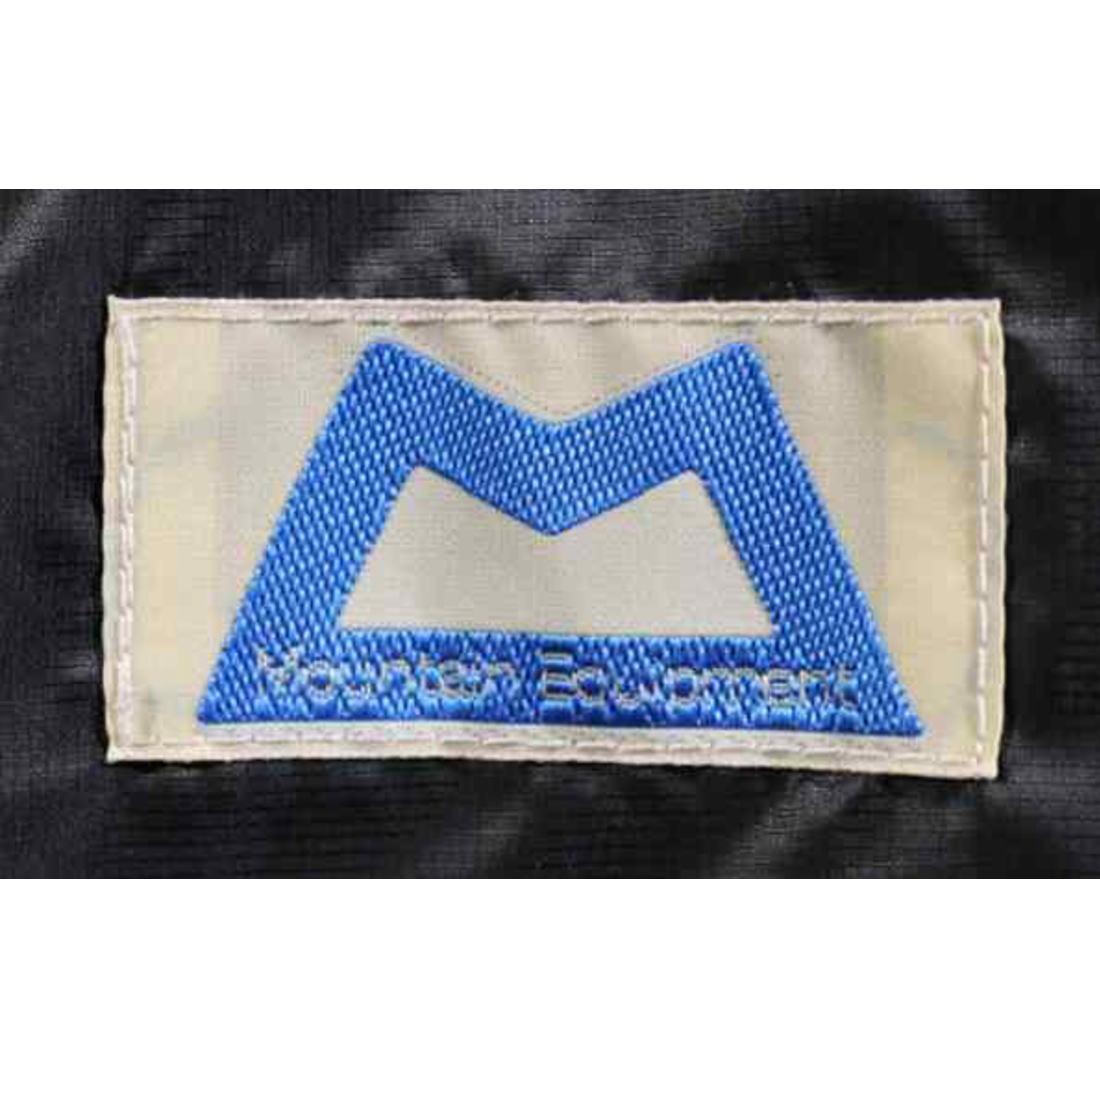 マウンテンイクイップメント ケミカルデュベ リバーシブルジャケット 中綿ダウンジャケット  国内正規品